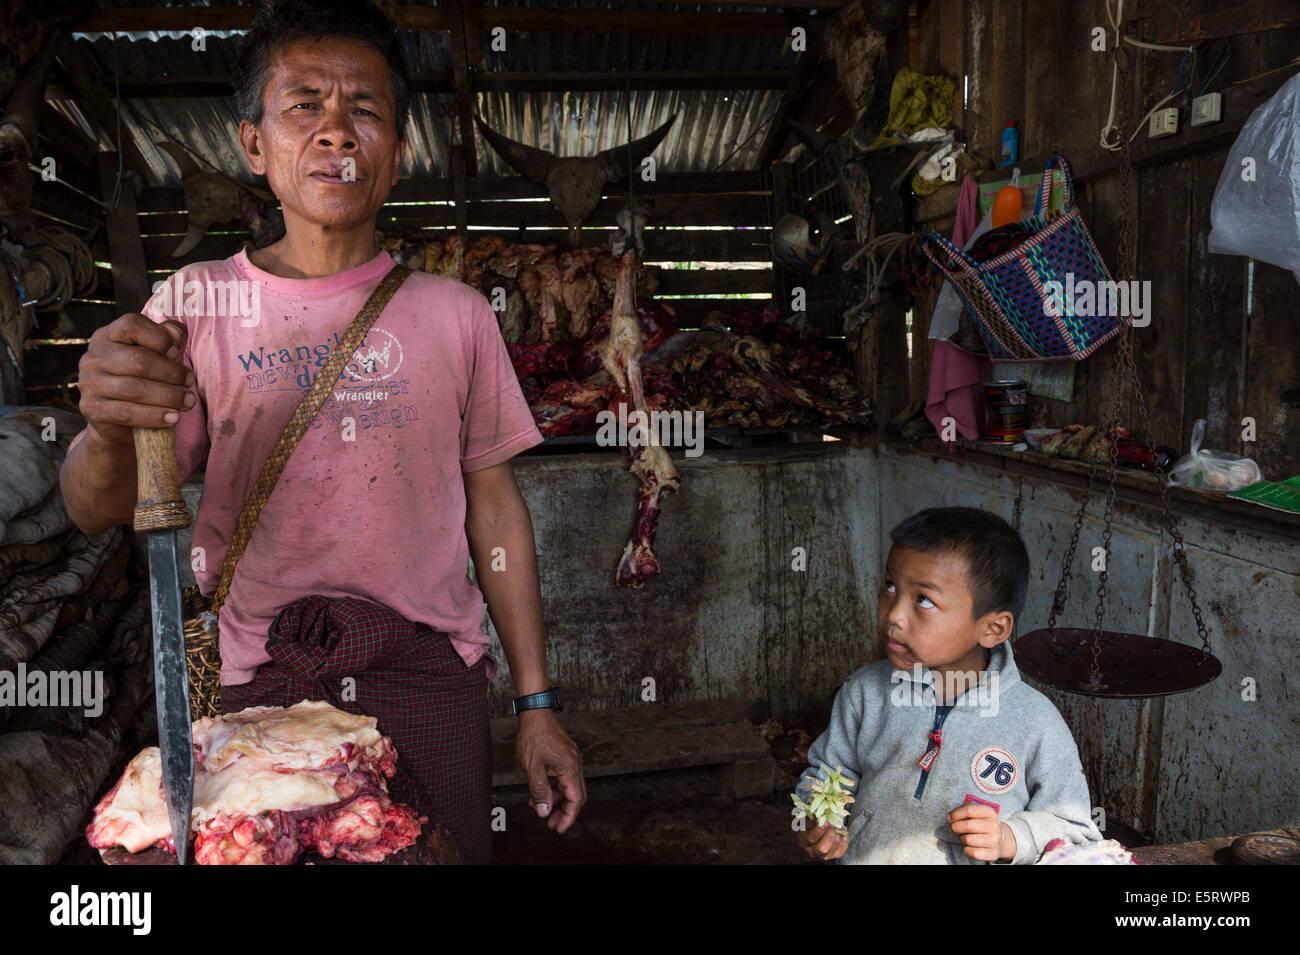 Carnicero,mercado, Mindat, en el estado de Chin, en Myanmar. Imagen De Stock